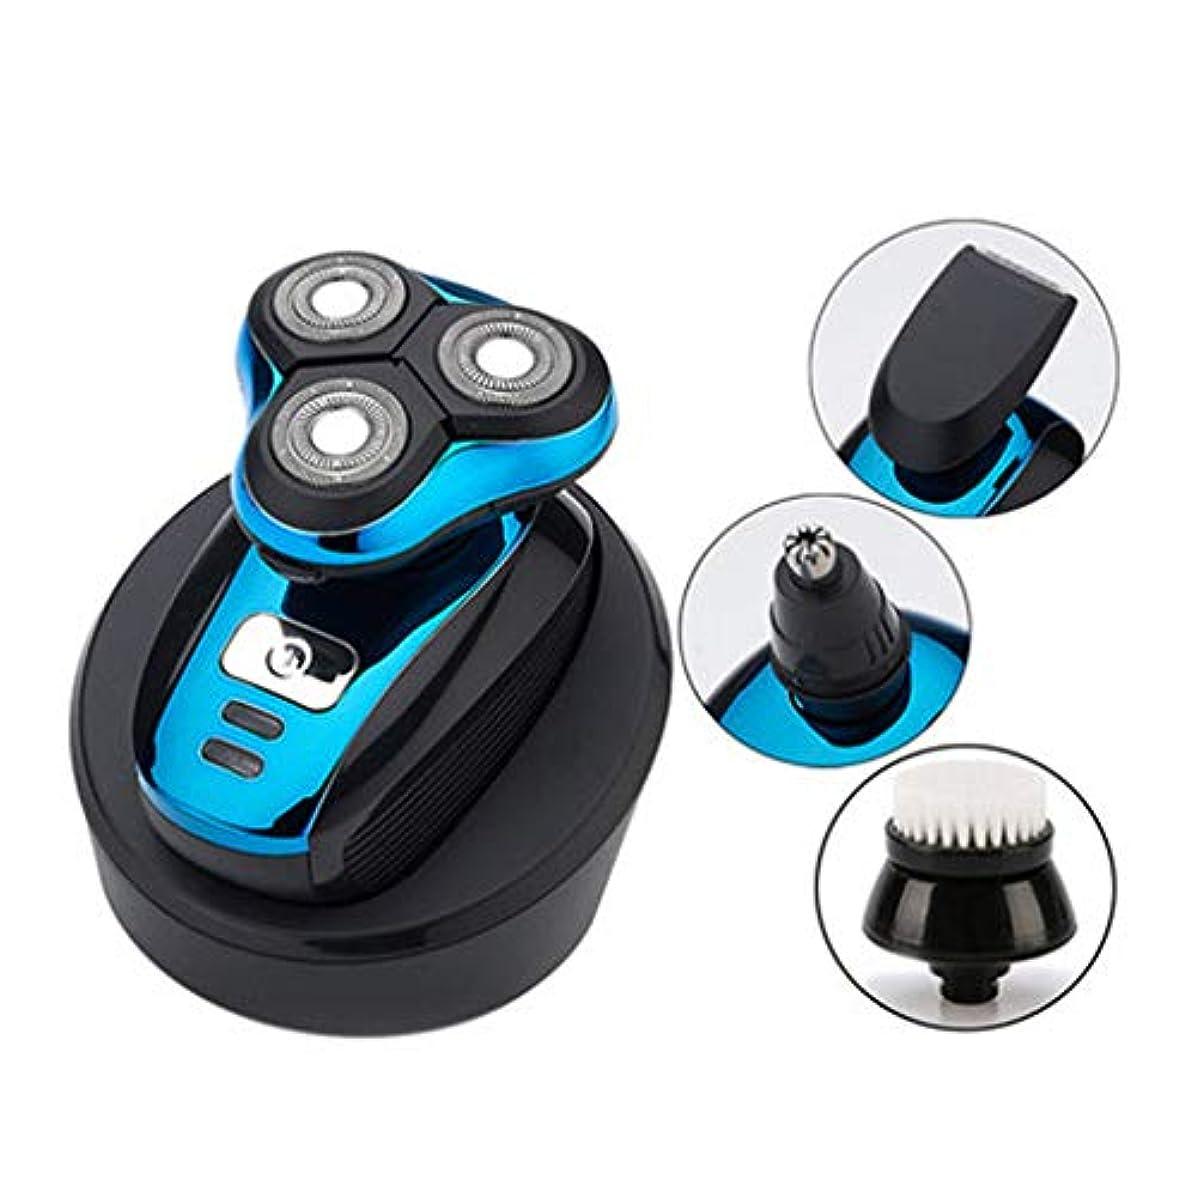 プロフェッショナルバター合法小型電気かみそり、メンズ充電コードレス多機能トリマー/ホーン/鼻毛/クレンジング/散髪、防水デザイン